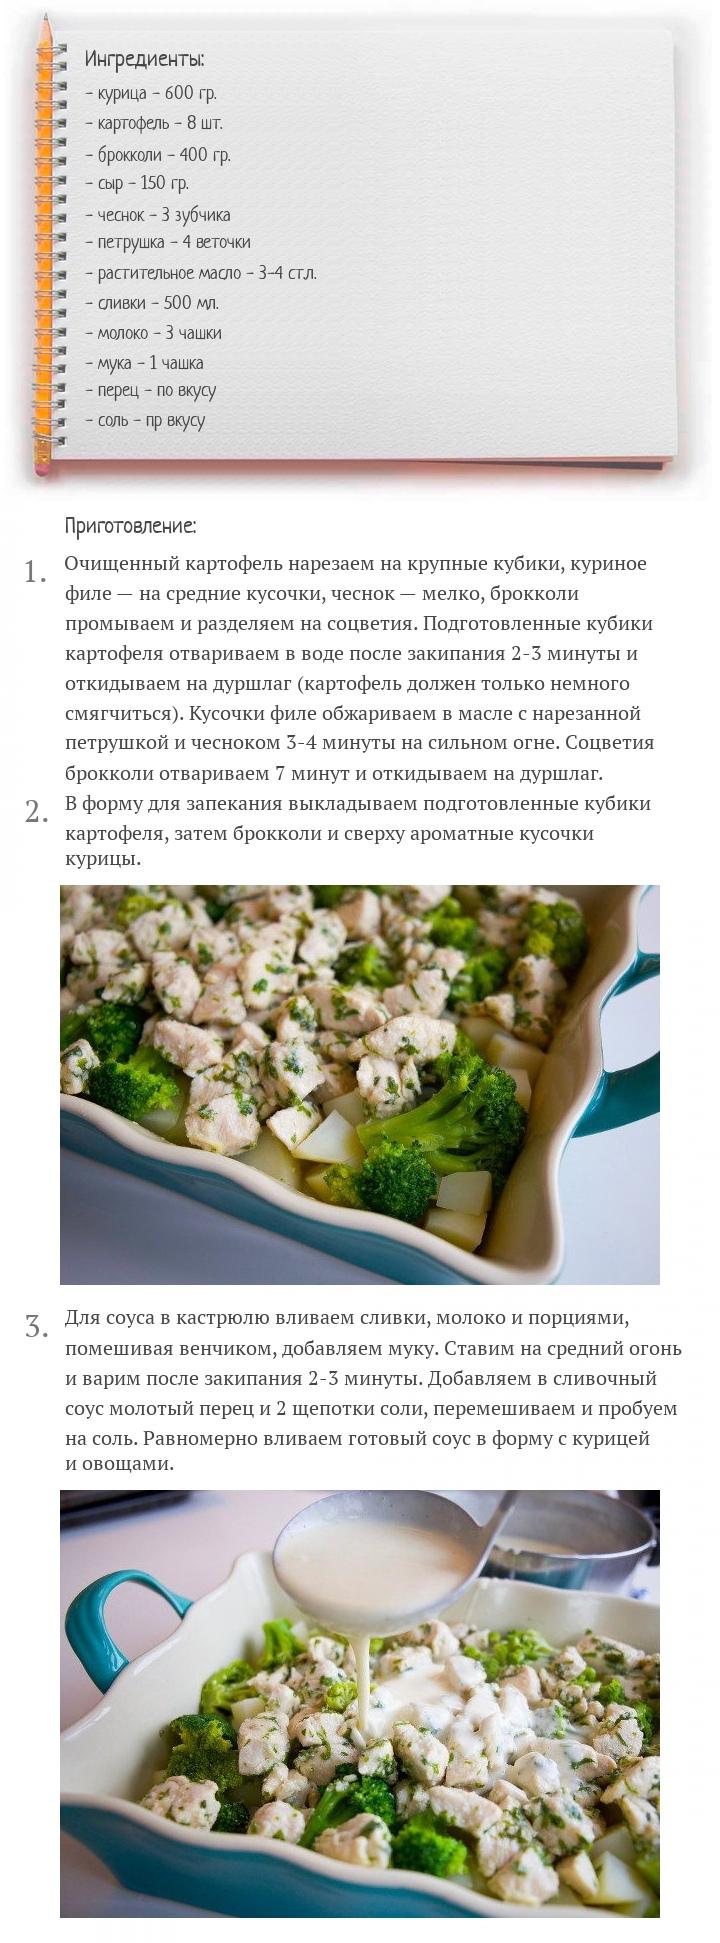 Картофельная запеканка с курицей и брокколи, изображение №2